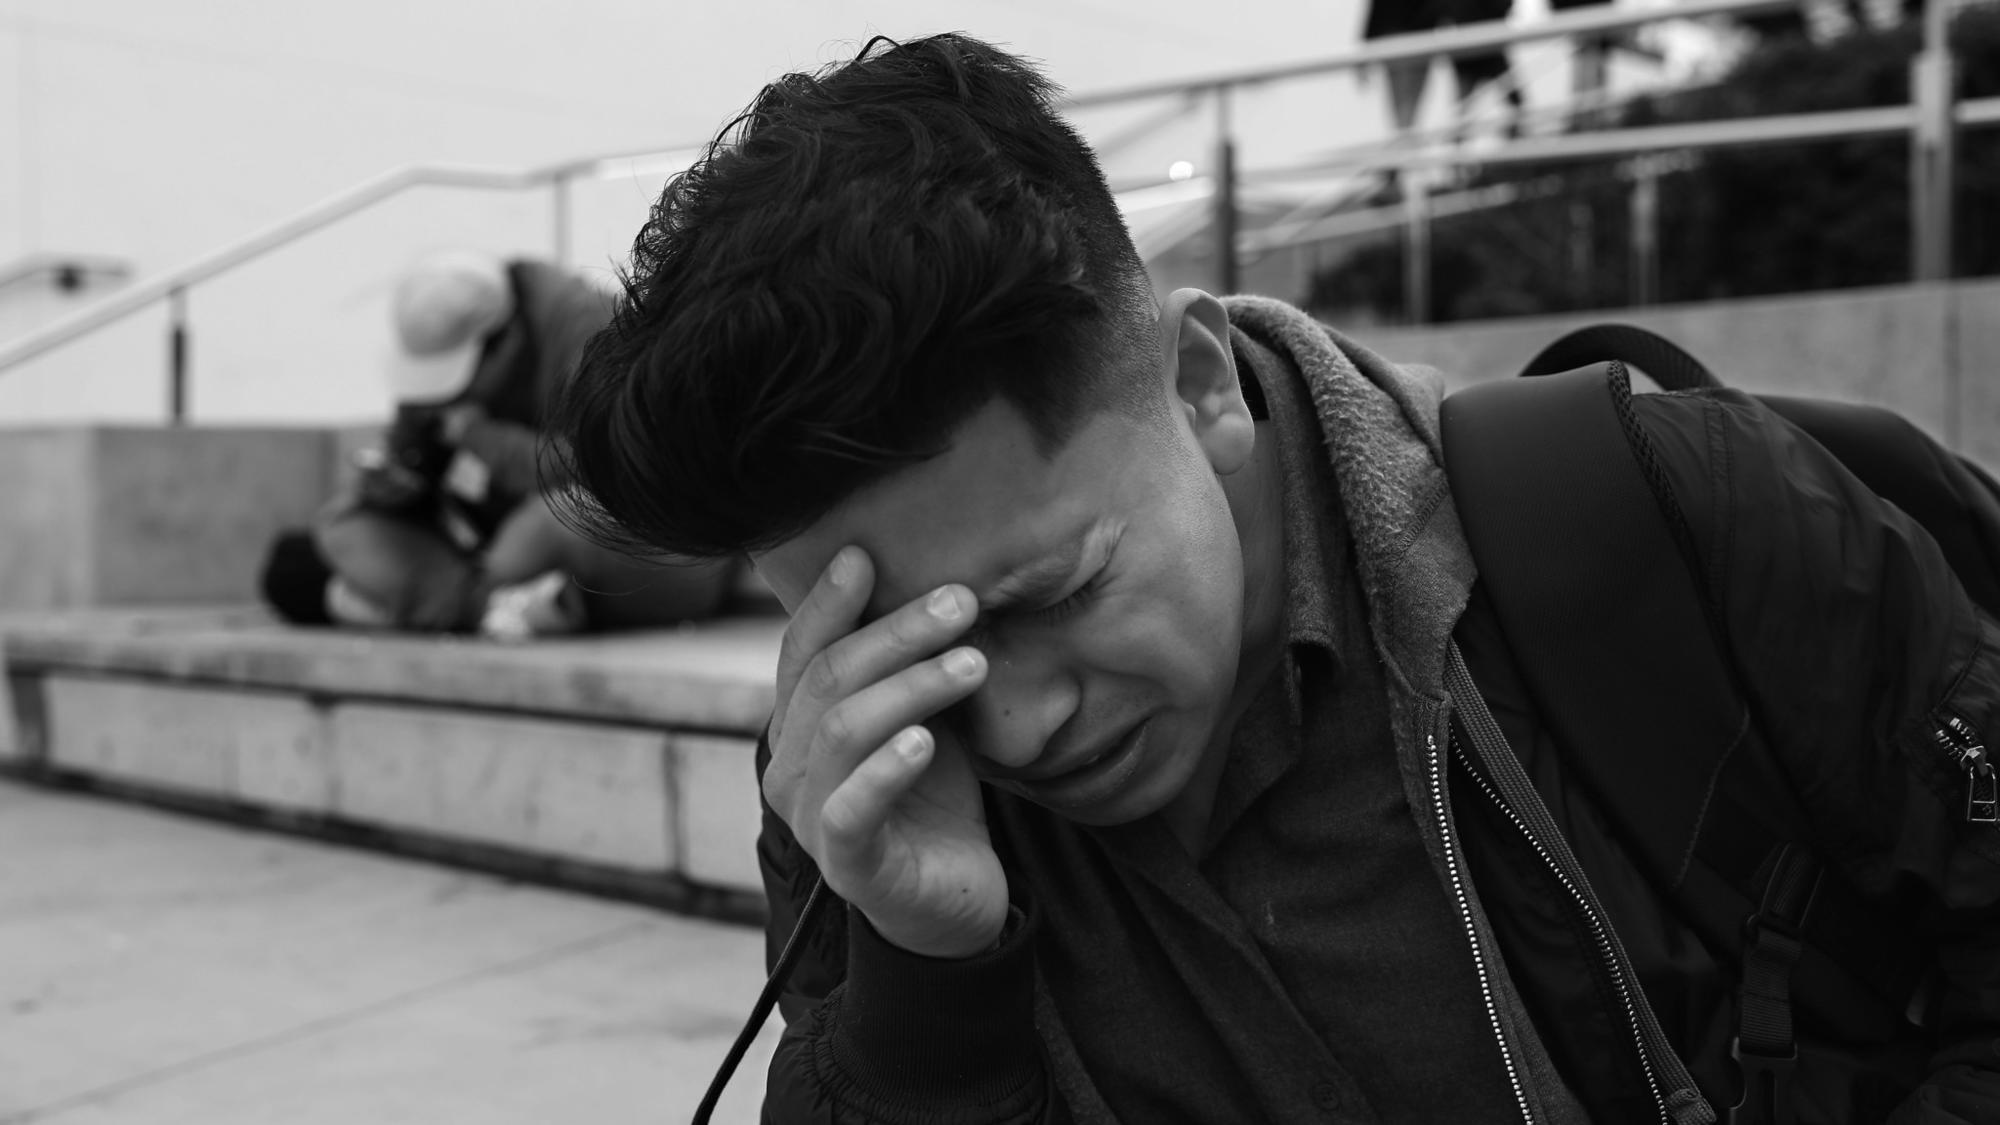 3039034_la-me-uc-homeless-student_MAM